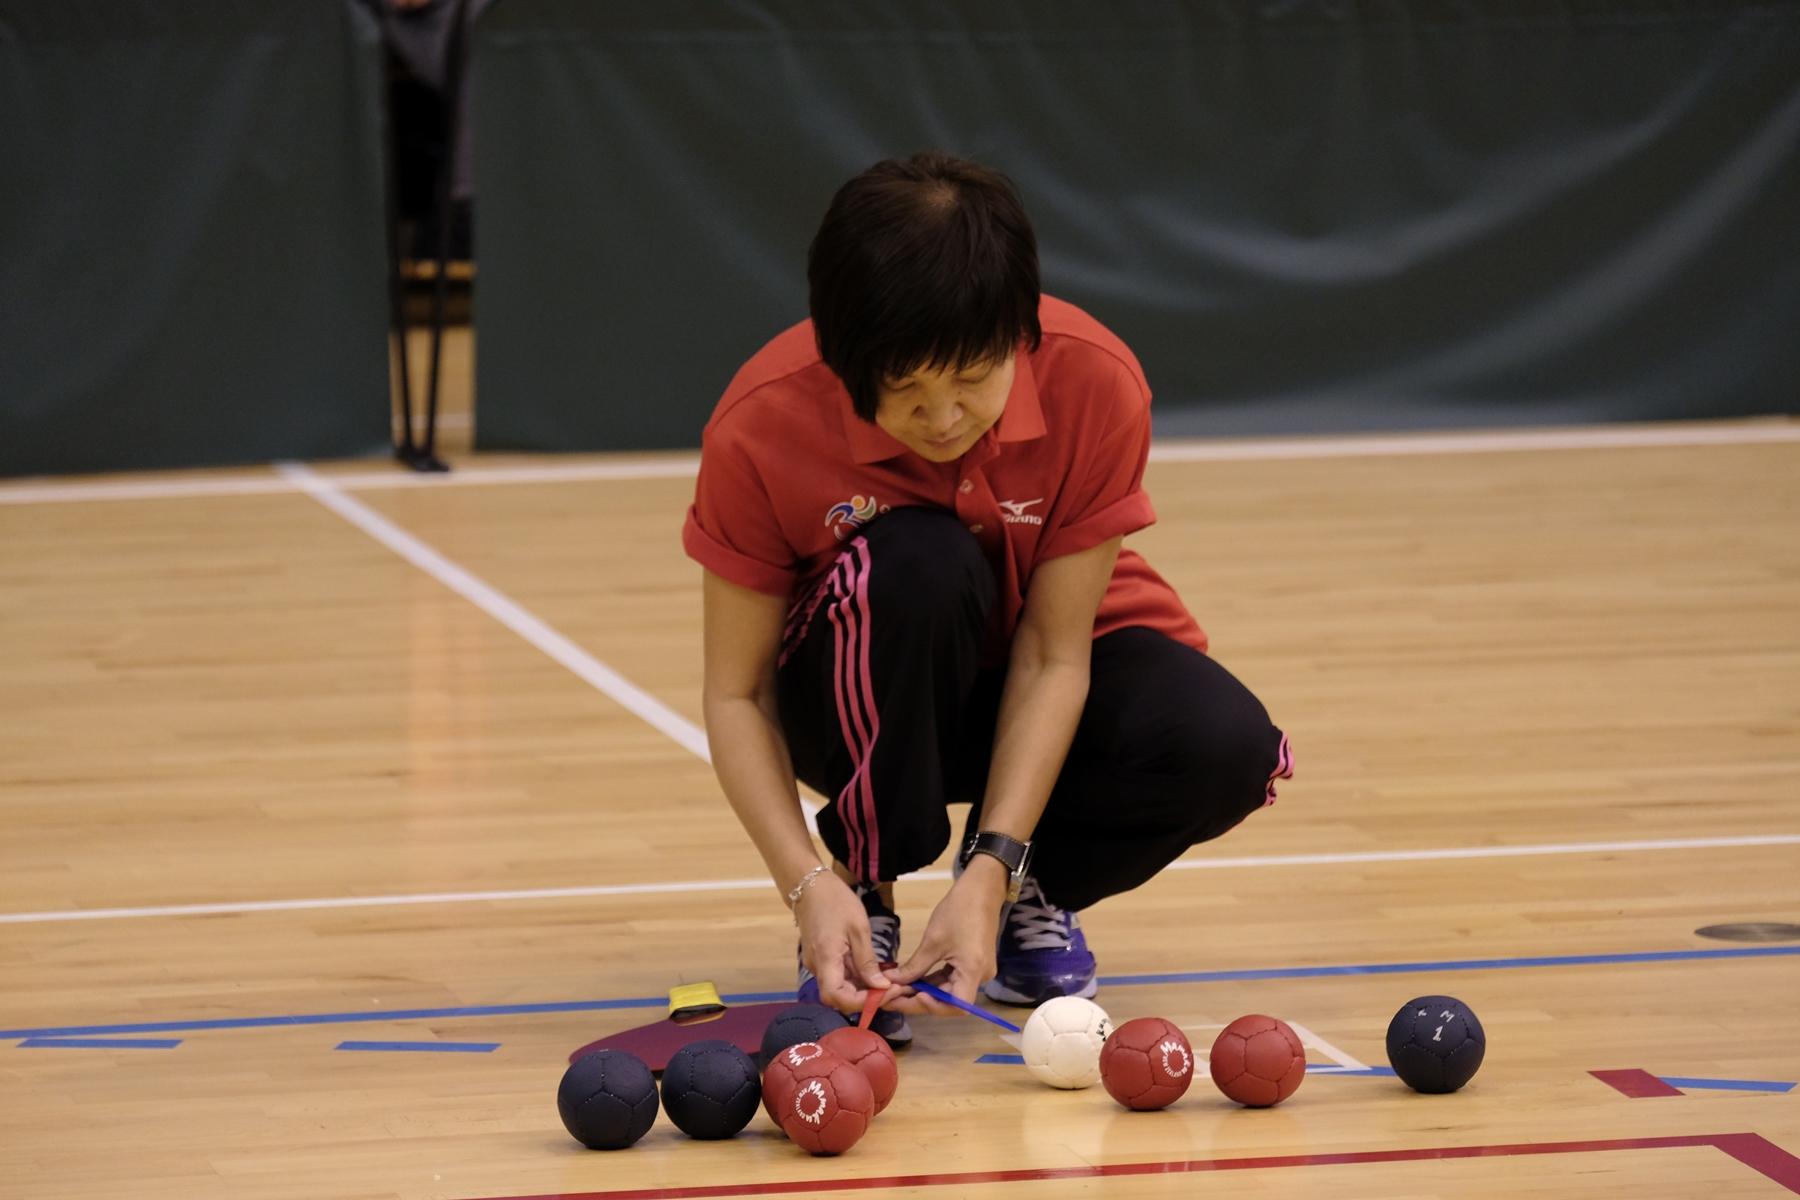 香港殘疾人士硬地滾球錦標賽